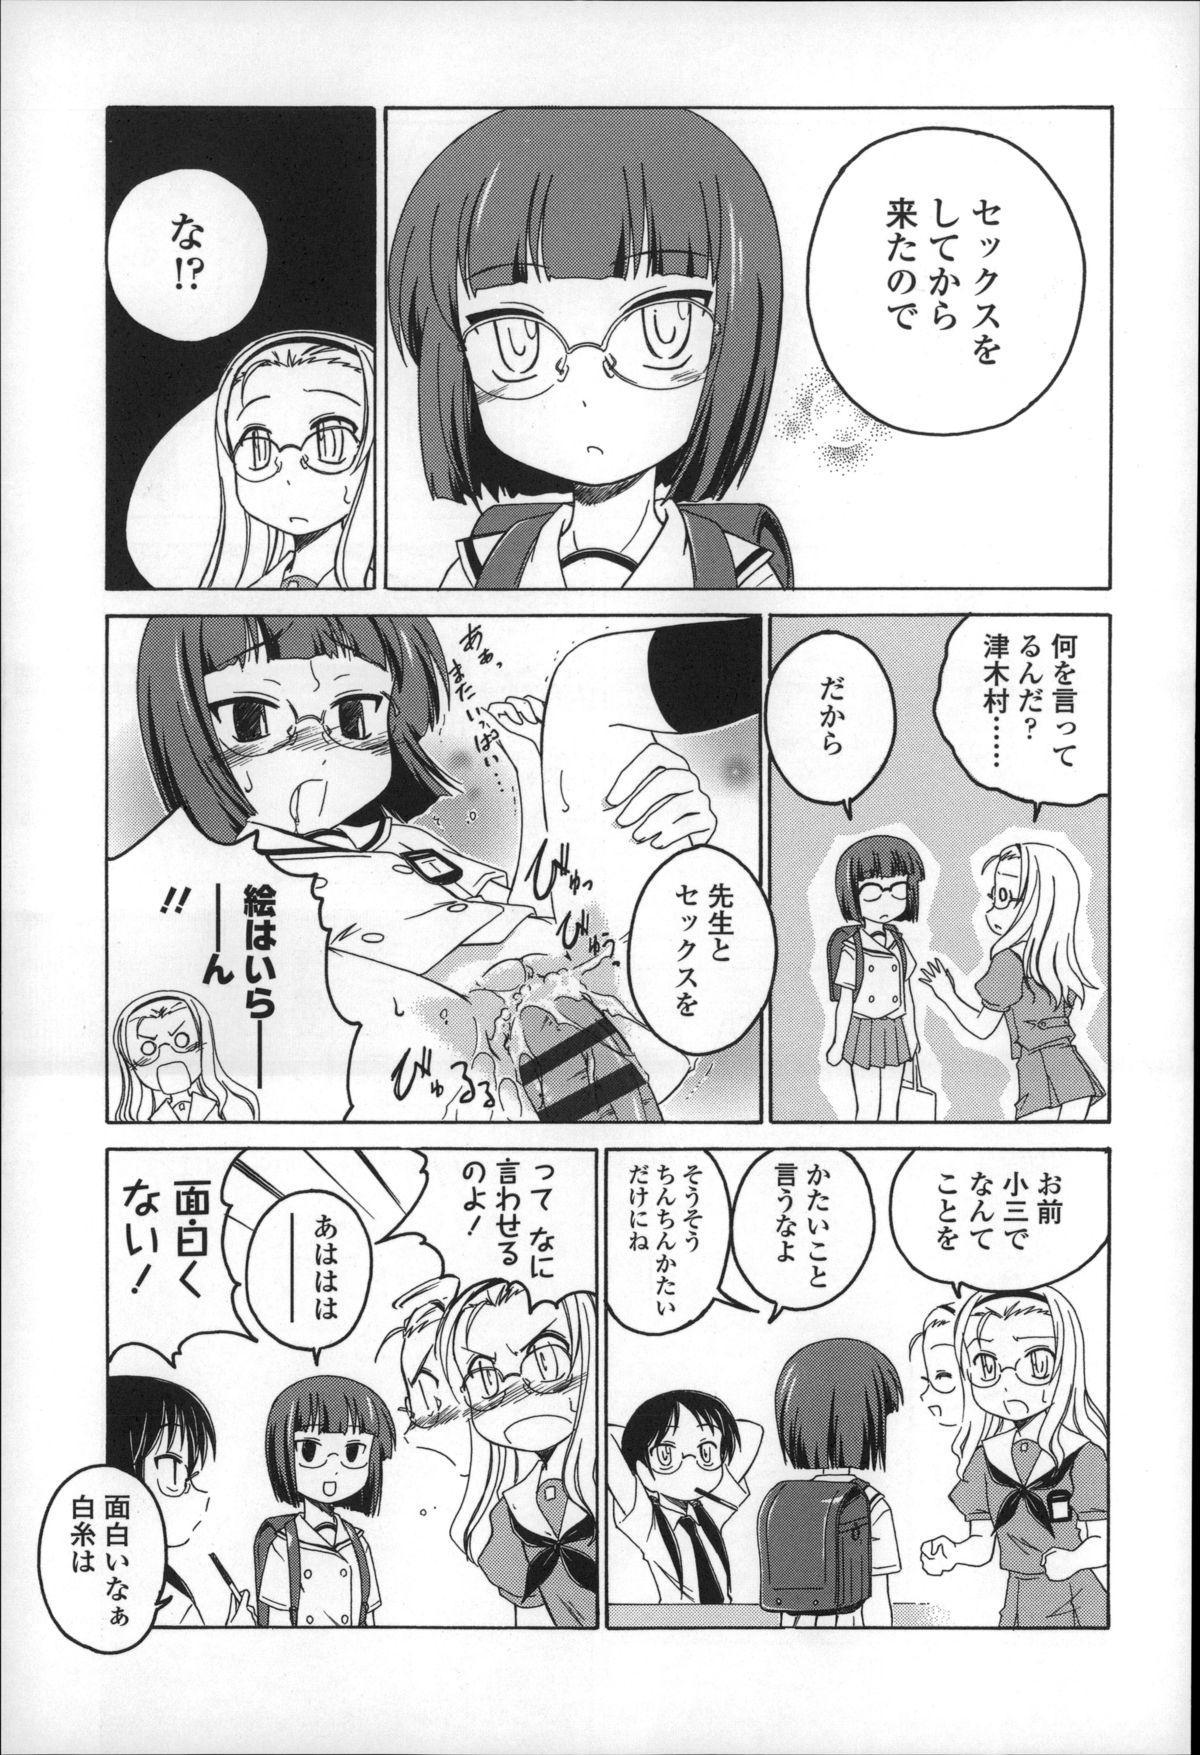 Youshou no Hana no Himitsu - The secret of Girls flowers 22